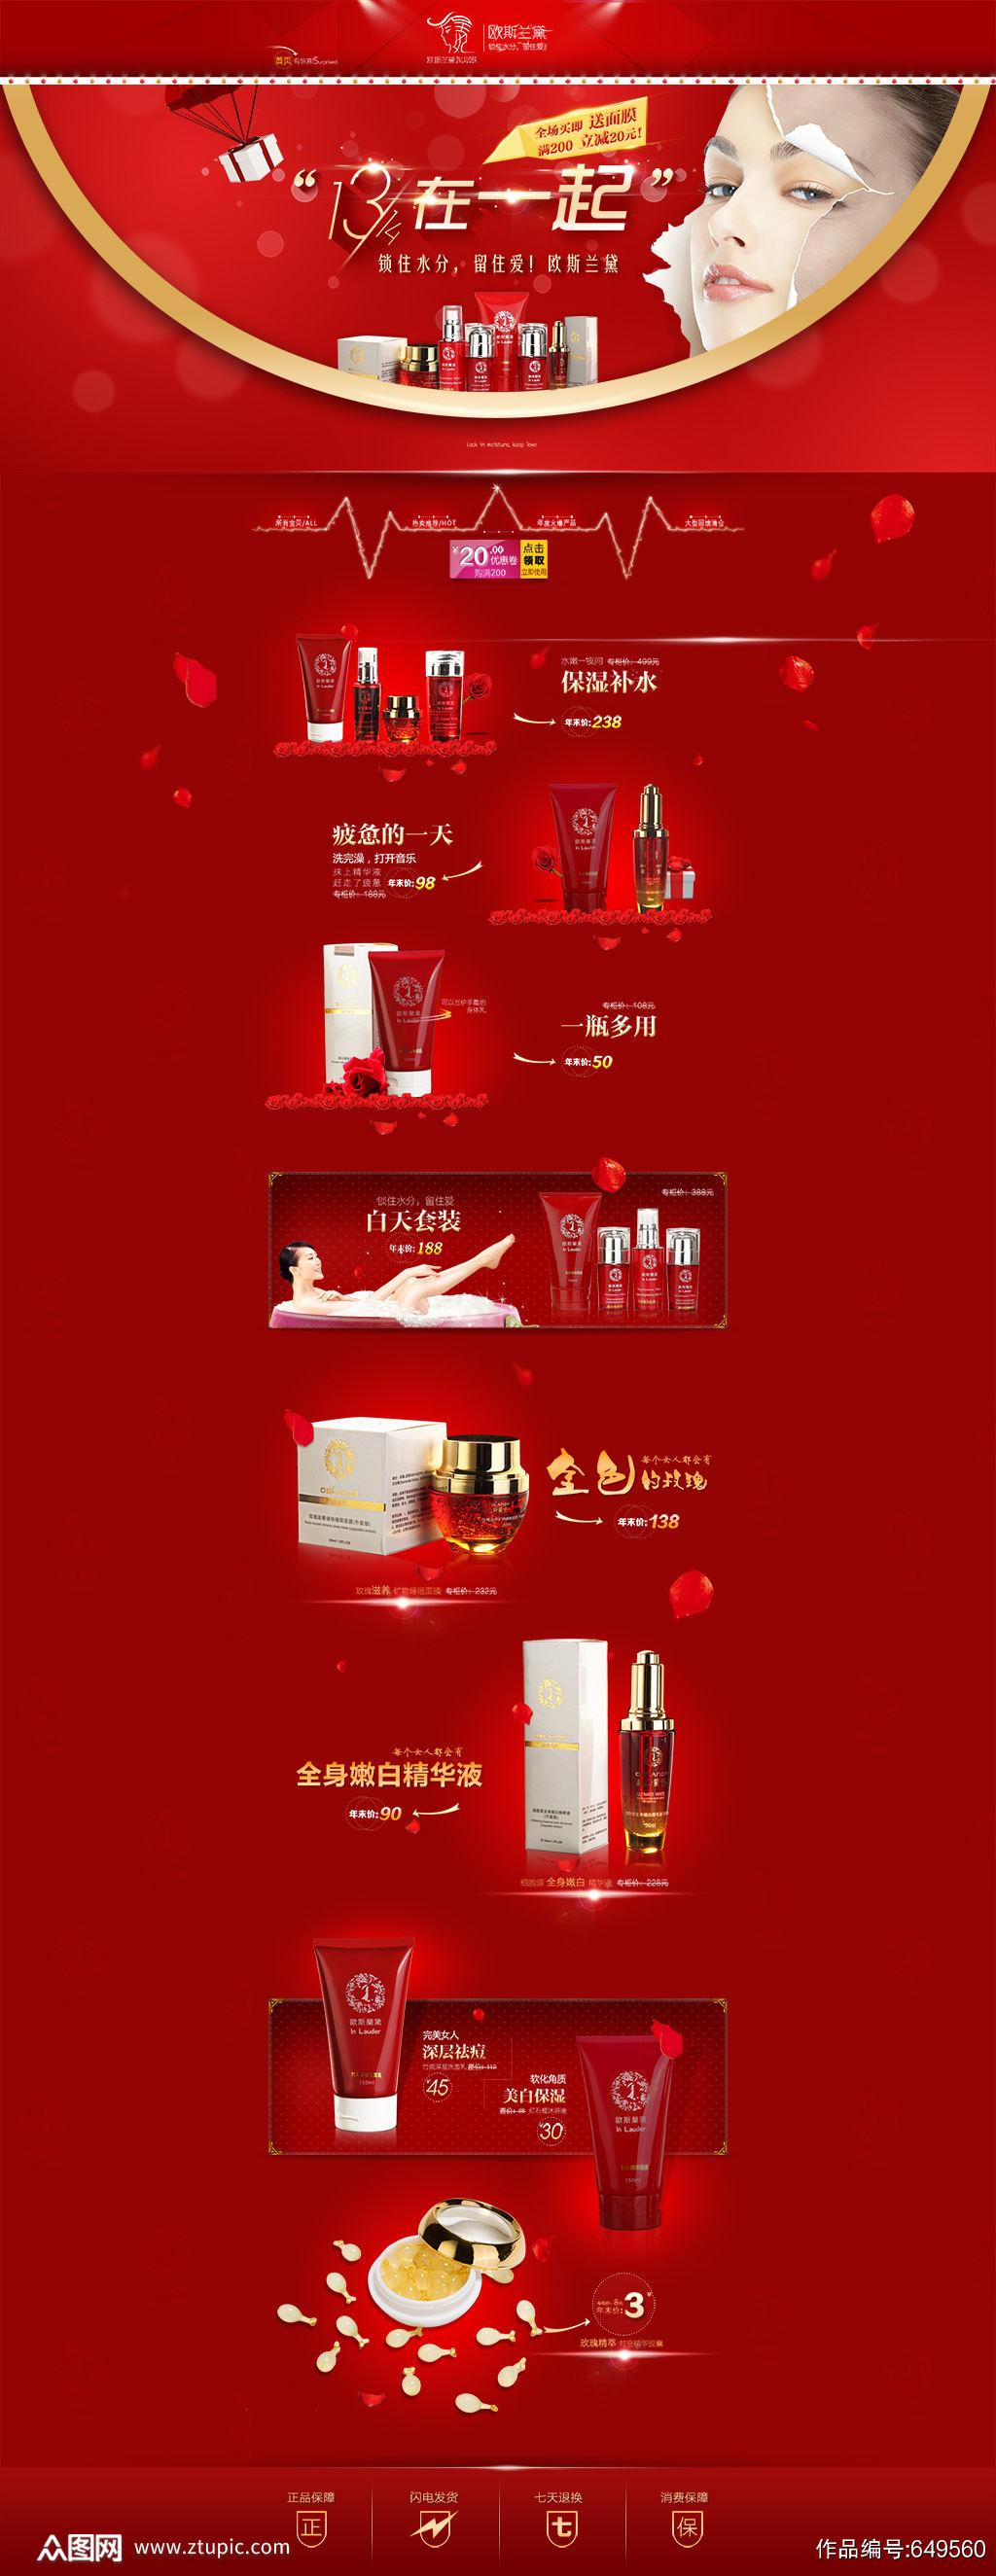 女性化妆品活动促销首页设计素材